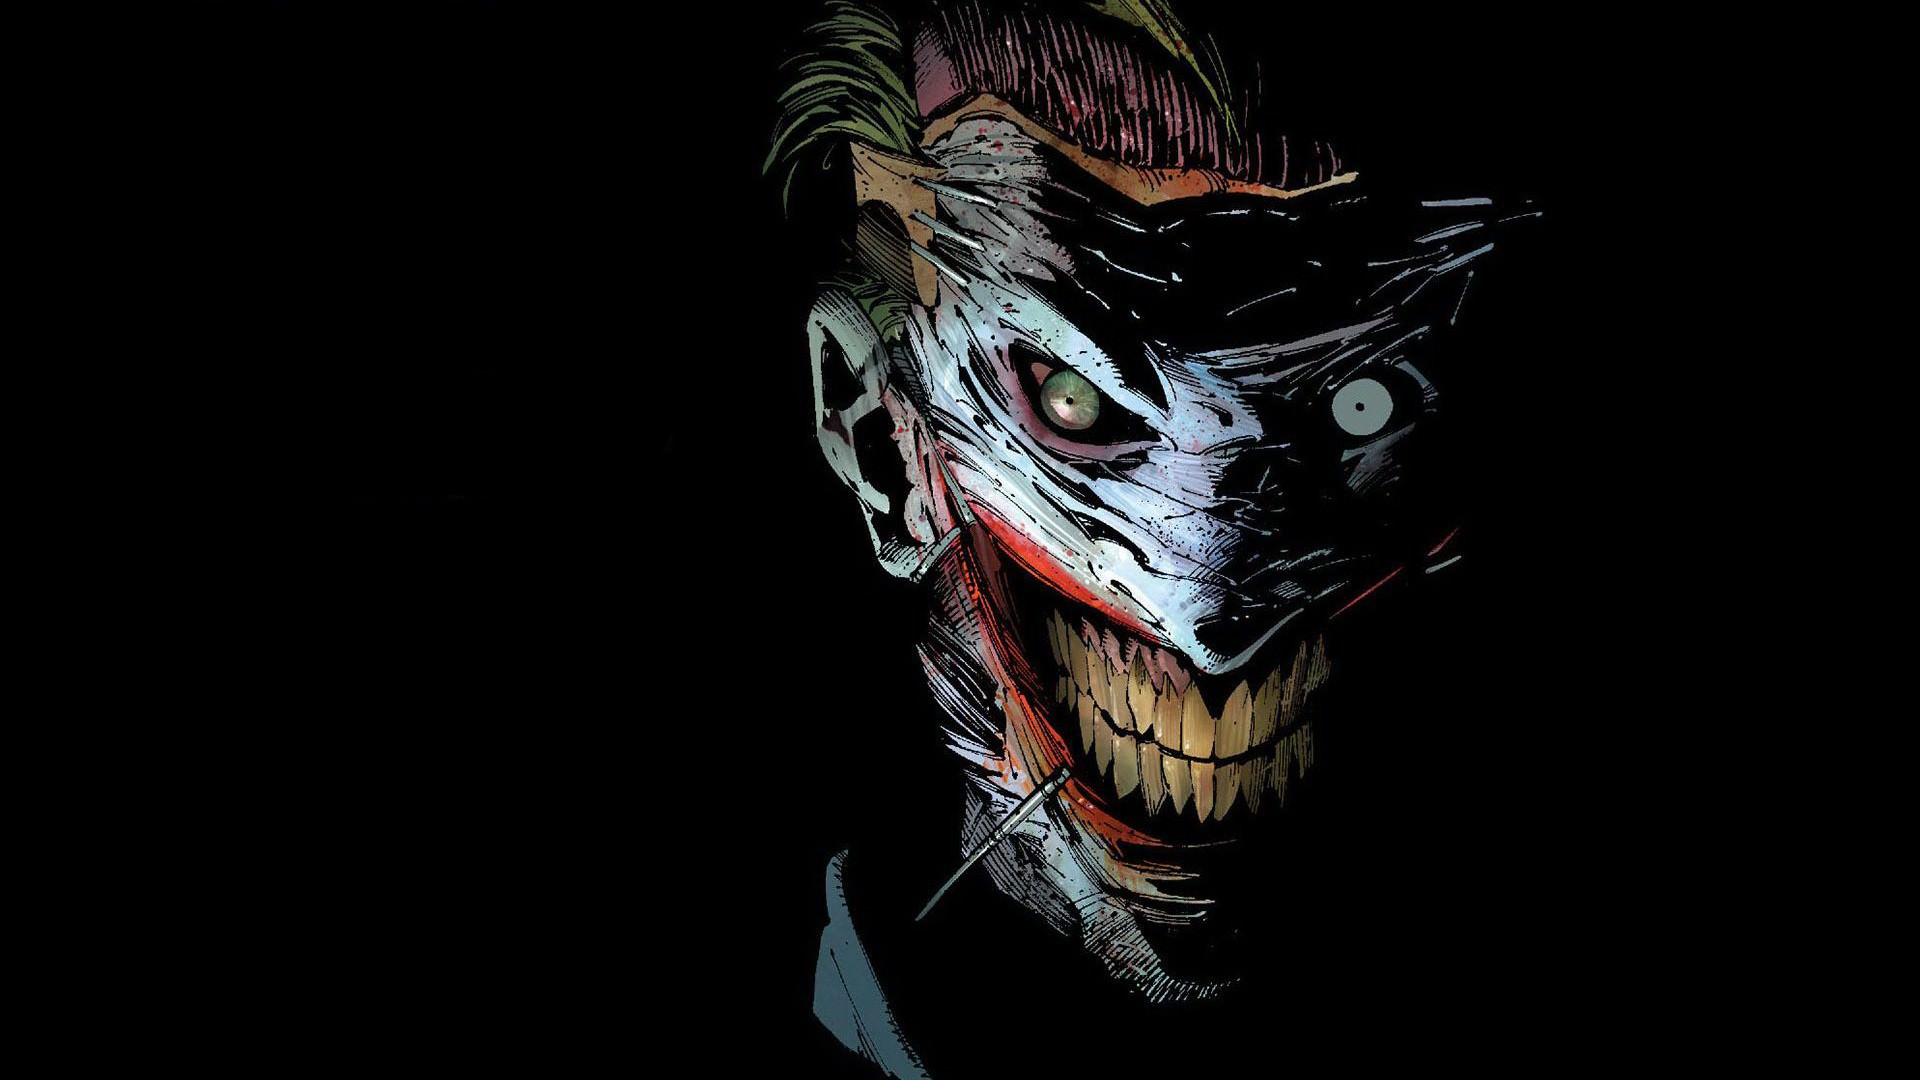 The Joker Wallpapers - WallpaperSafari